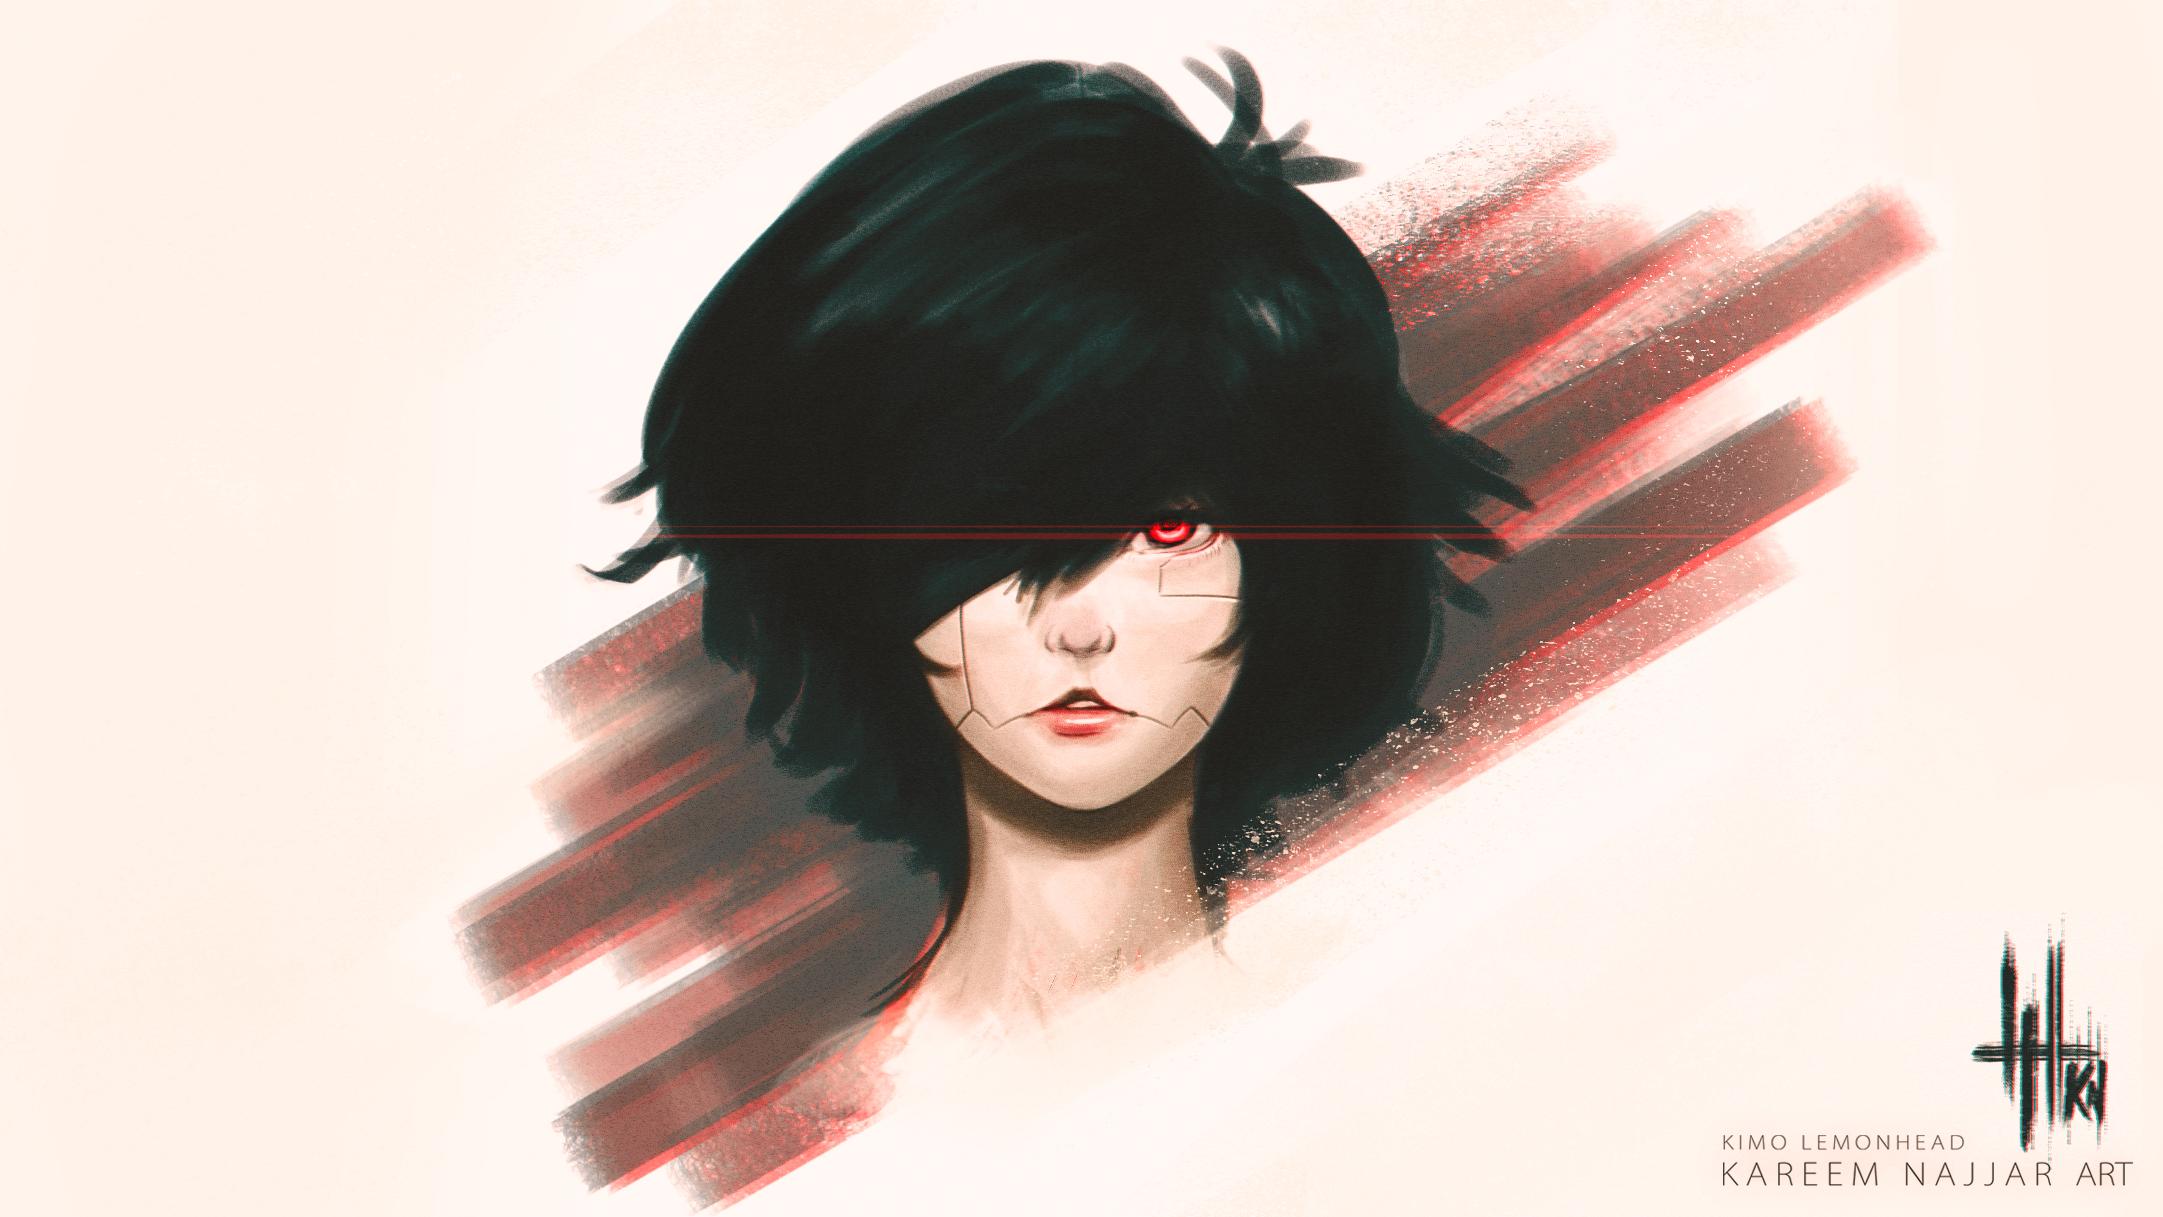 CyboGirl